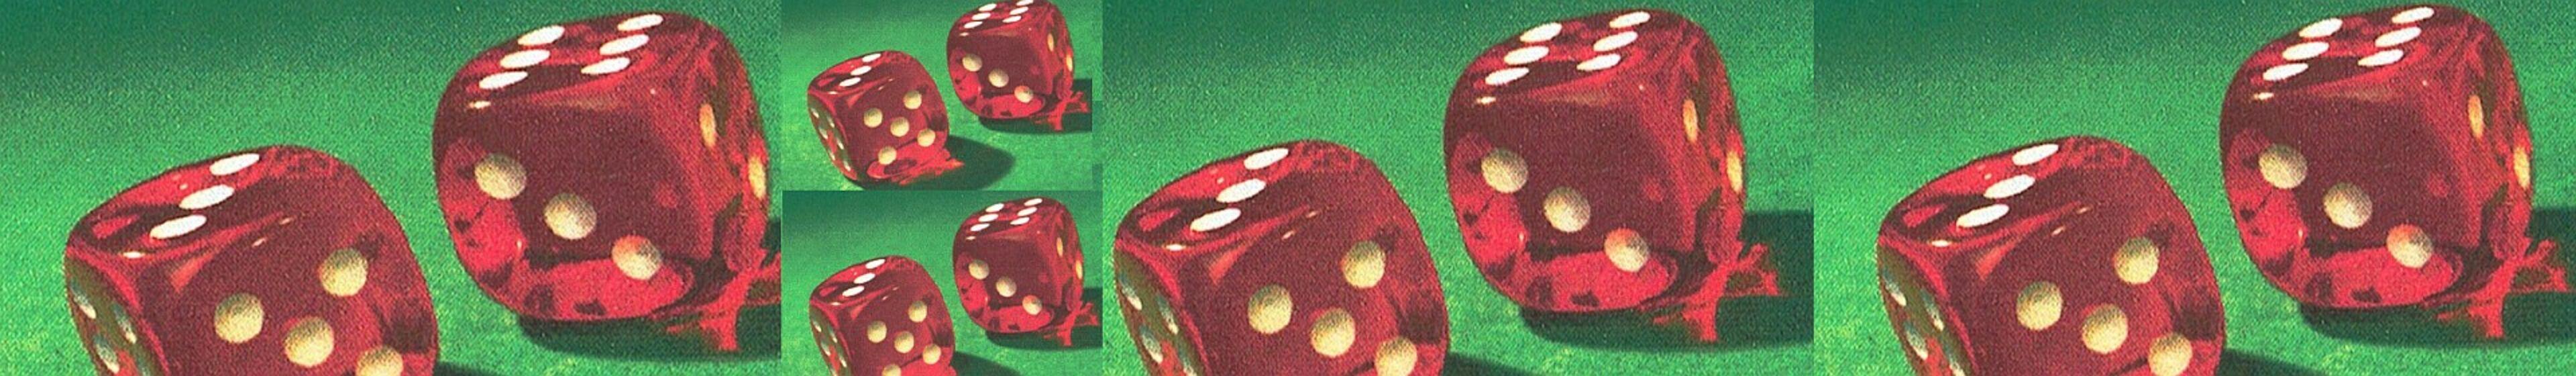 Spiele-Nachmittag_1920x280